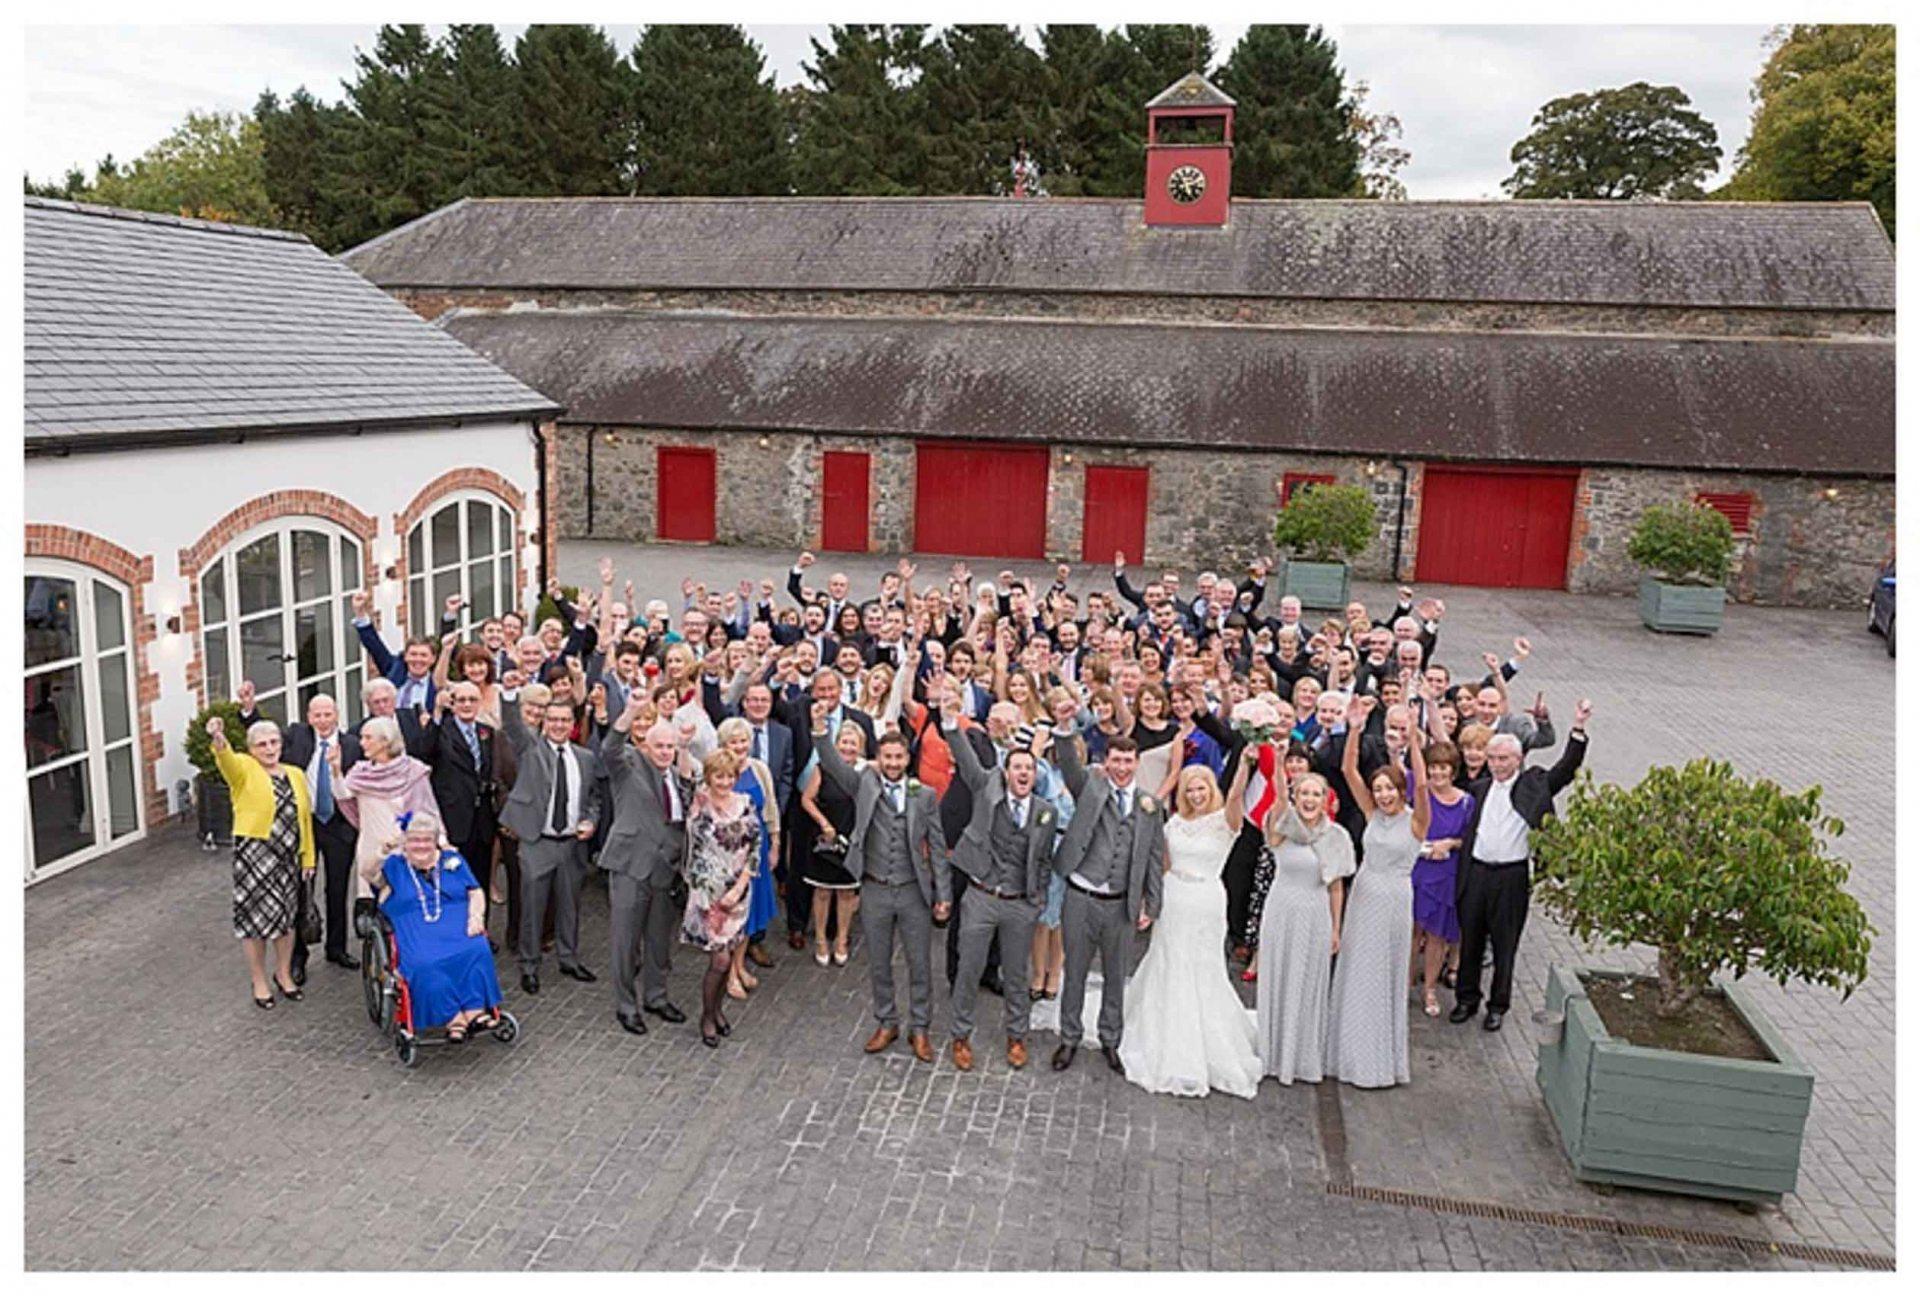 Larchfield Estate Wedding Photography by Ricky Parker Photography-61